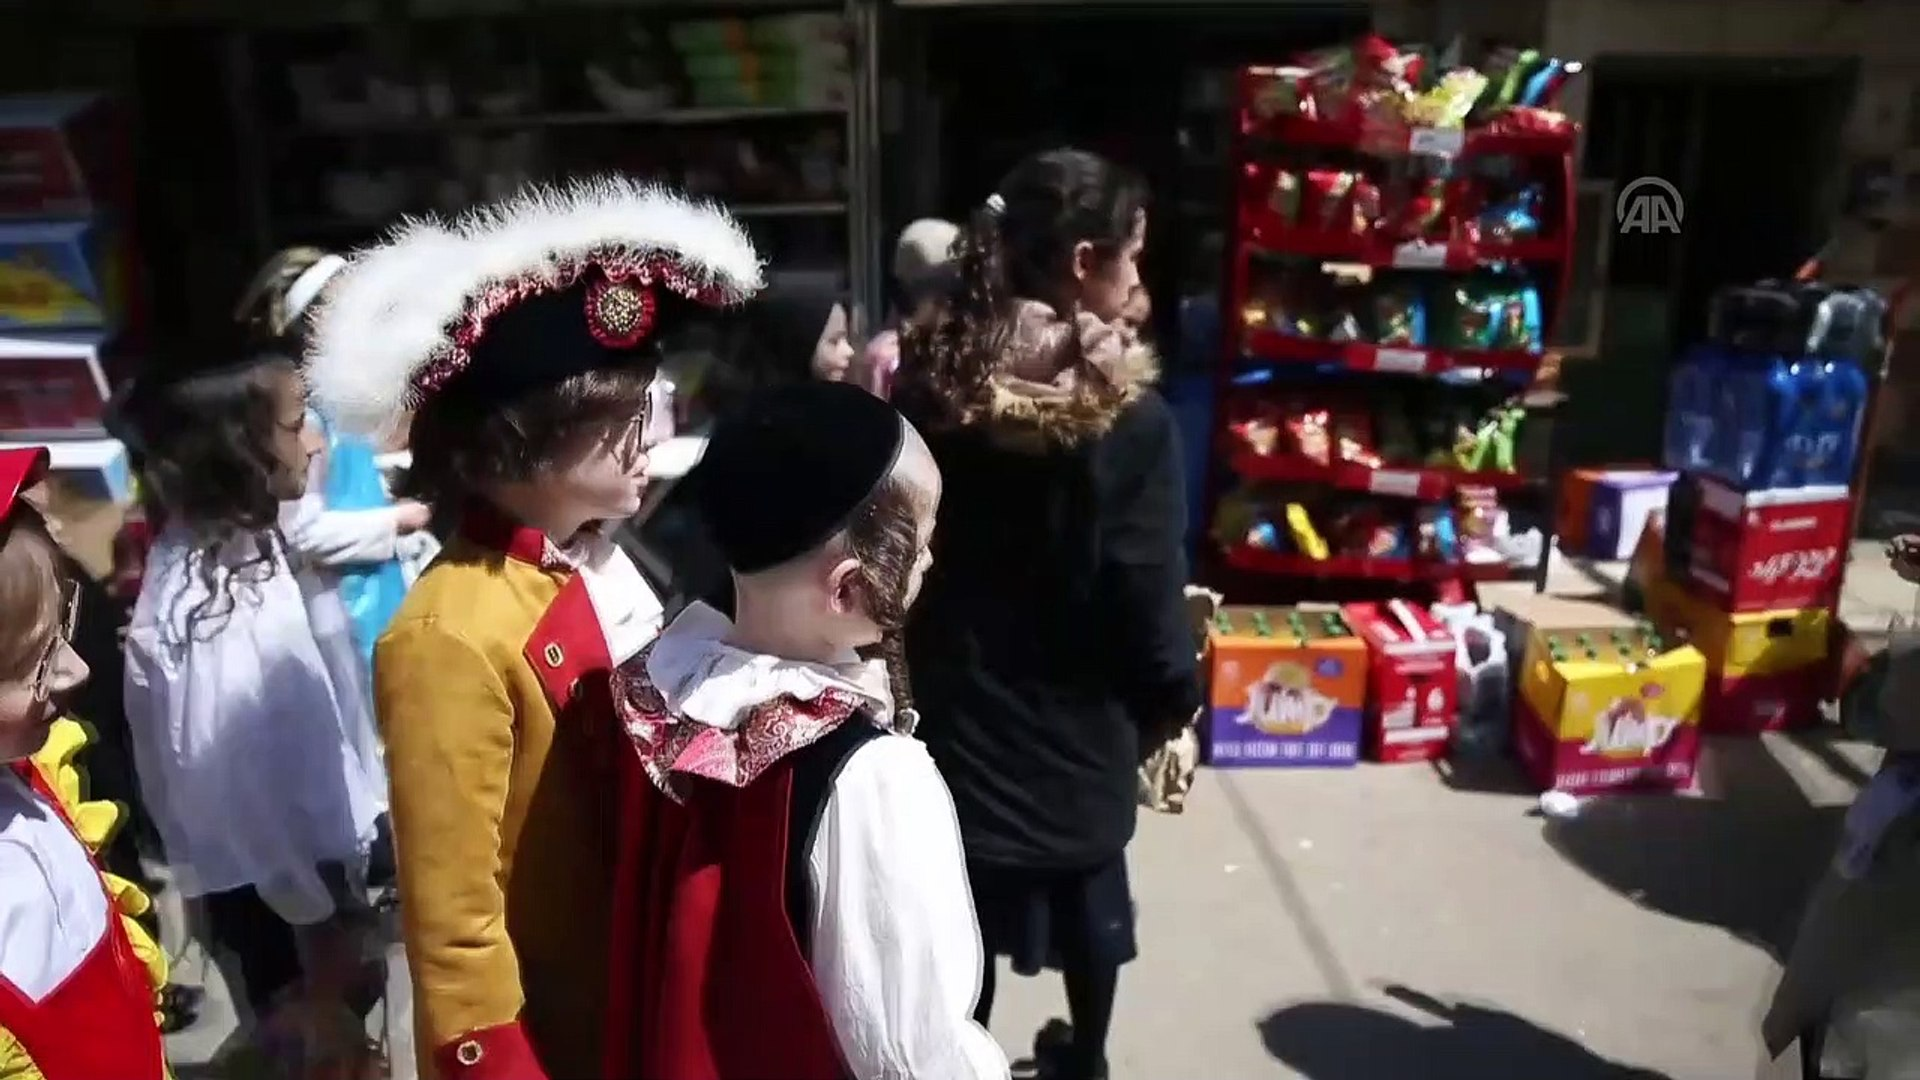 İsrail'de 'Purim Bayramı' kutlanıyor - KUDÜS